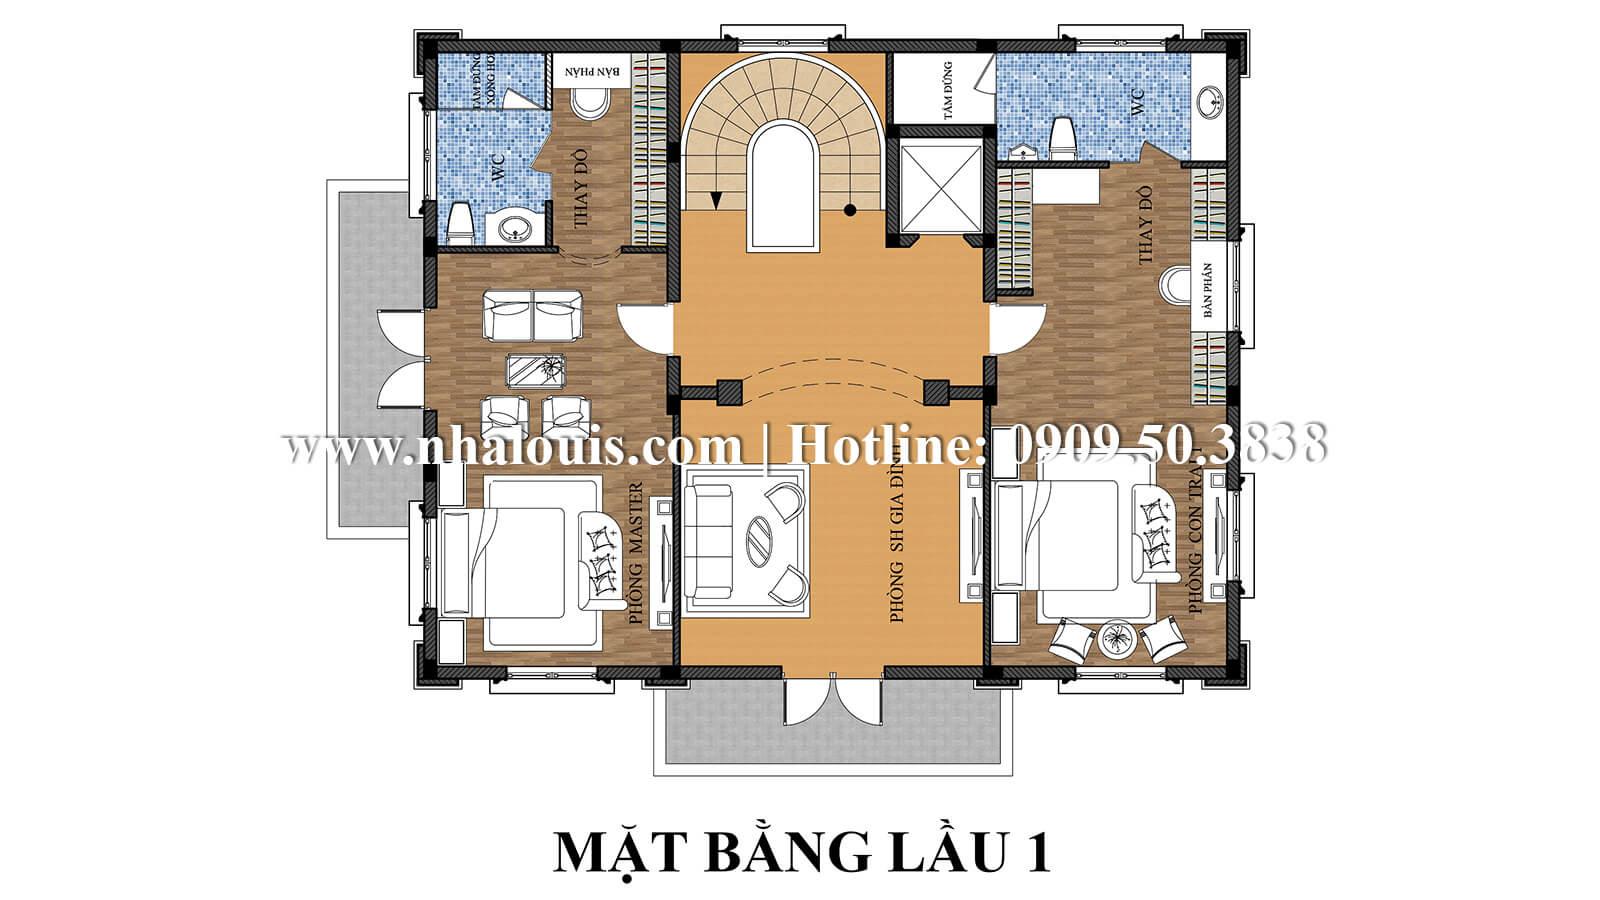 Mặt bằng lầu 1 thiết kế biệt thự kiểu pháp 4 tầng tuyệt đẹp tại quận 9